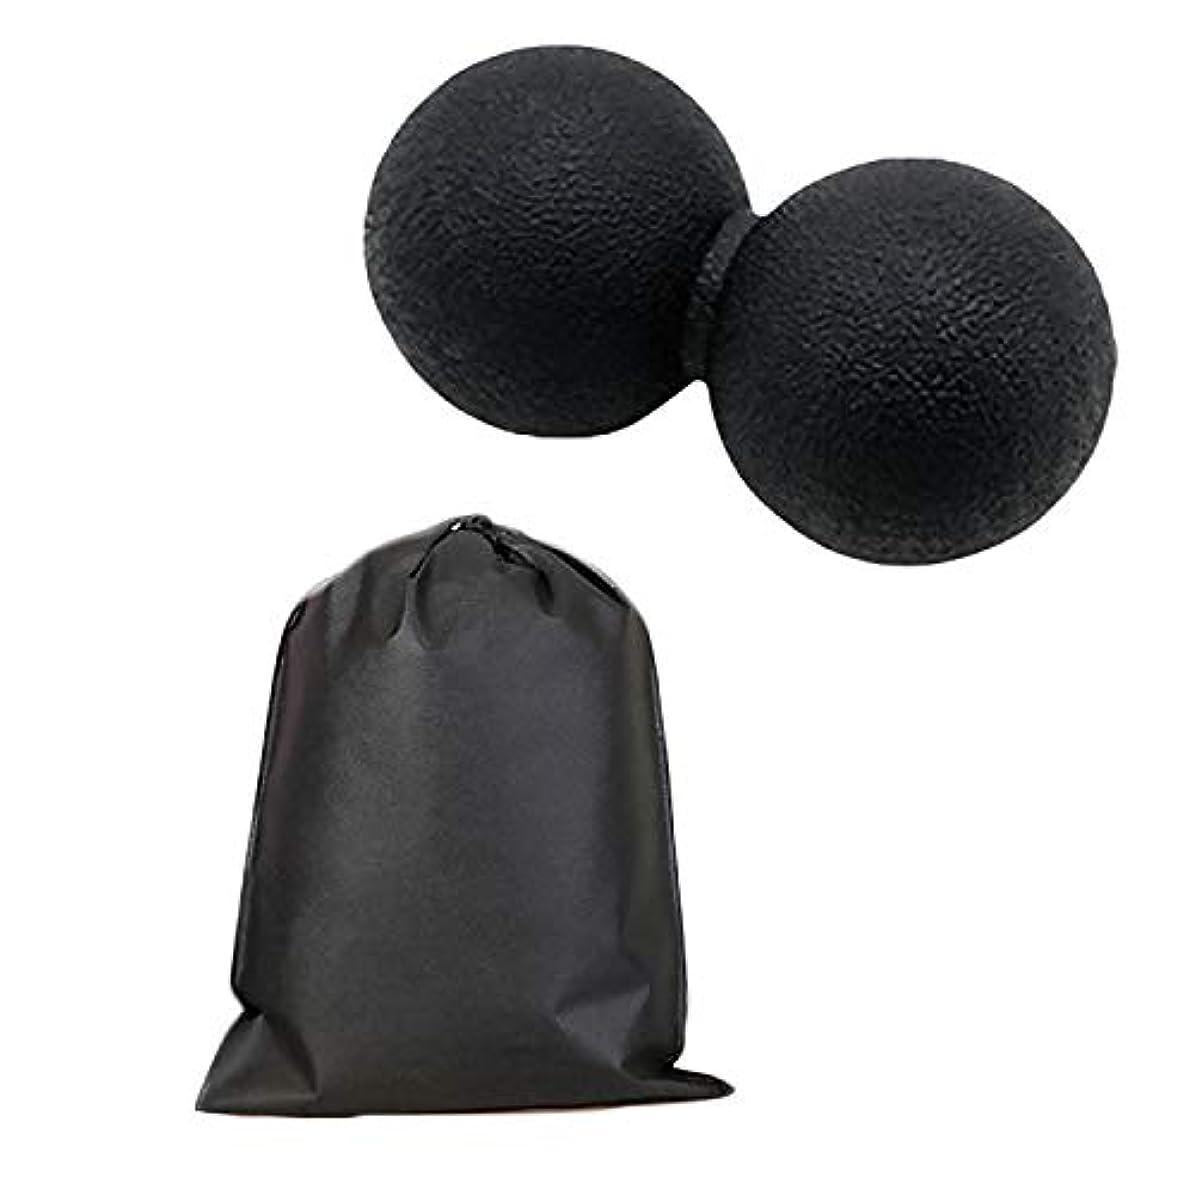 不信スティーブンソンパーティションMigavan マッサージボールローラーバックマッサージボール収納袋が付いているピーナツマッサージのローラーボールのマッサージャー